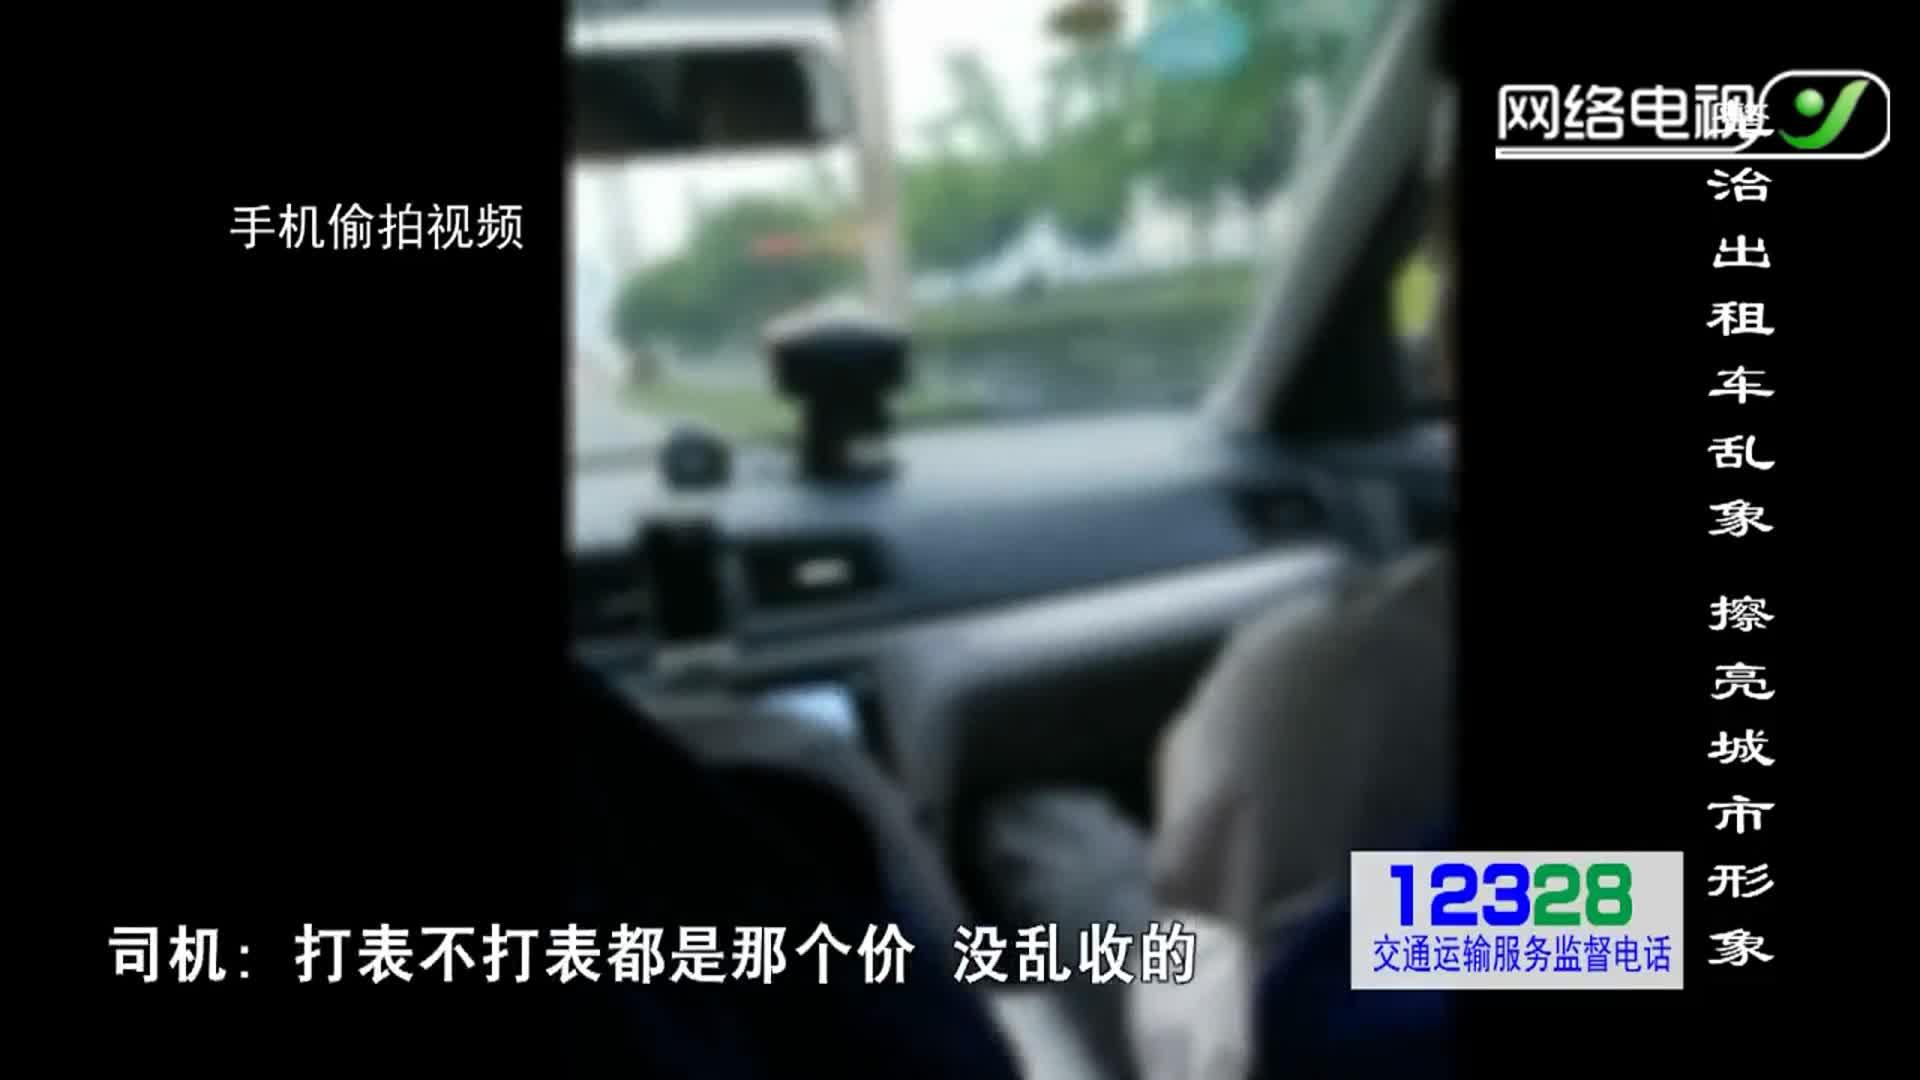 【法治方圆】整治出租车乱象 擦亮城市形象